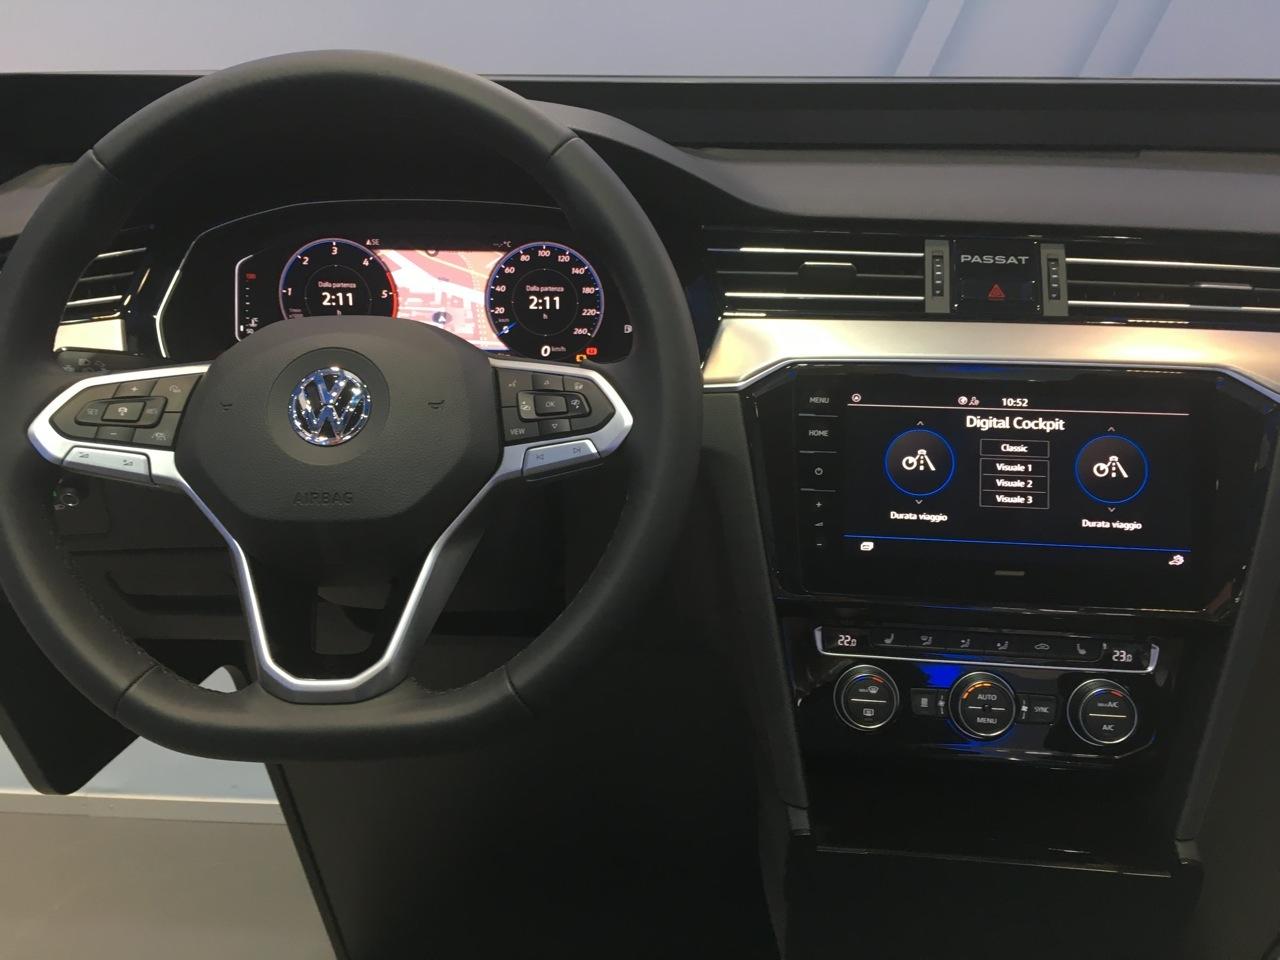 Volkswagen Passat - Workshop Amburgo 2019